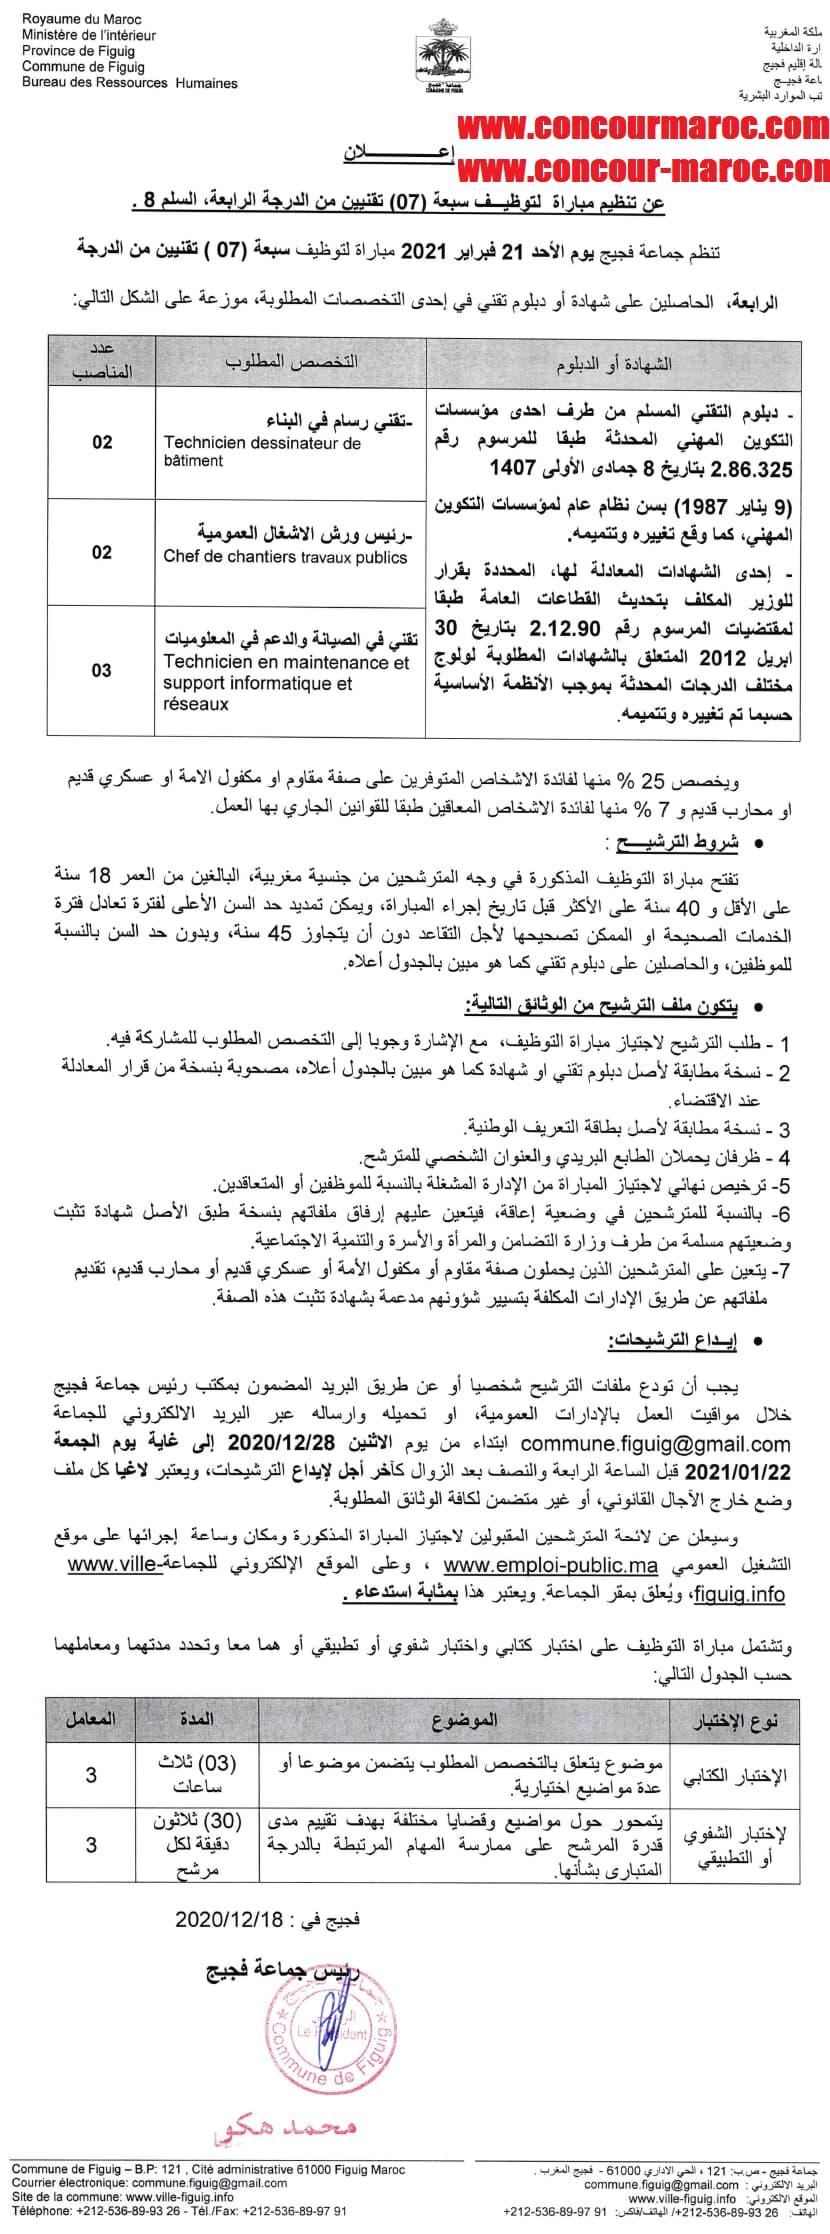 مباراة توظيف 07 مناصب بجماعة فجيج في عدة تخصصات آخر أجل لإيداع الترشيحات 22 يناير 2021 Commun22